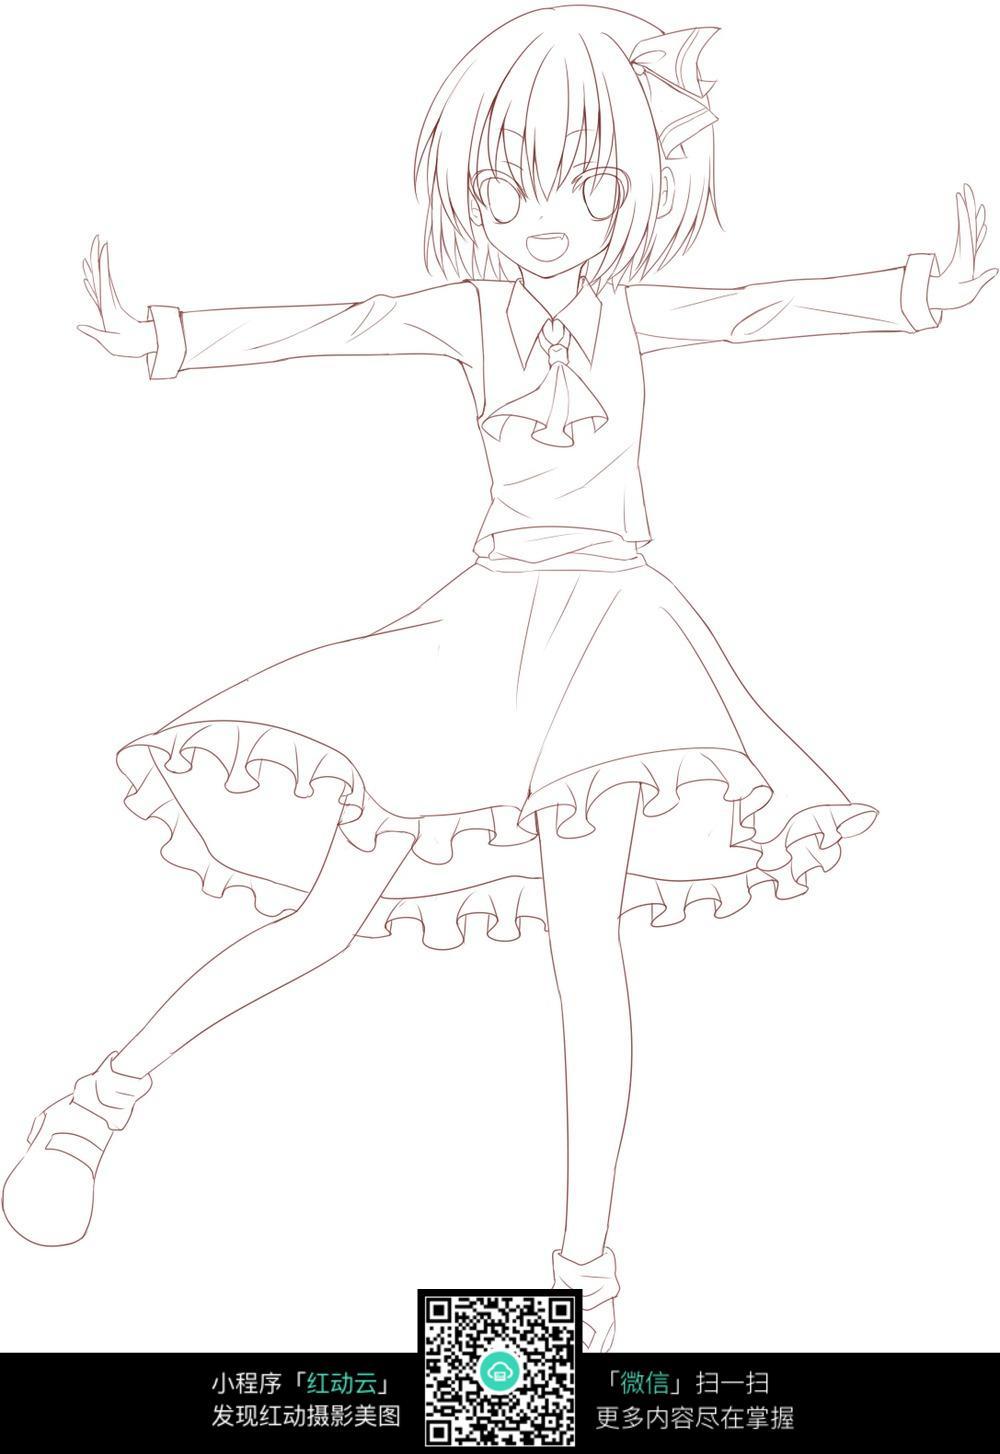 女生跳舞手绘图